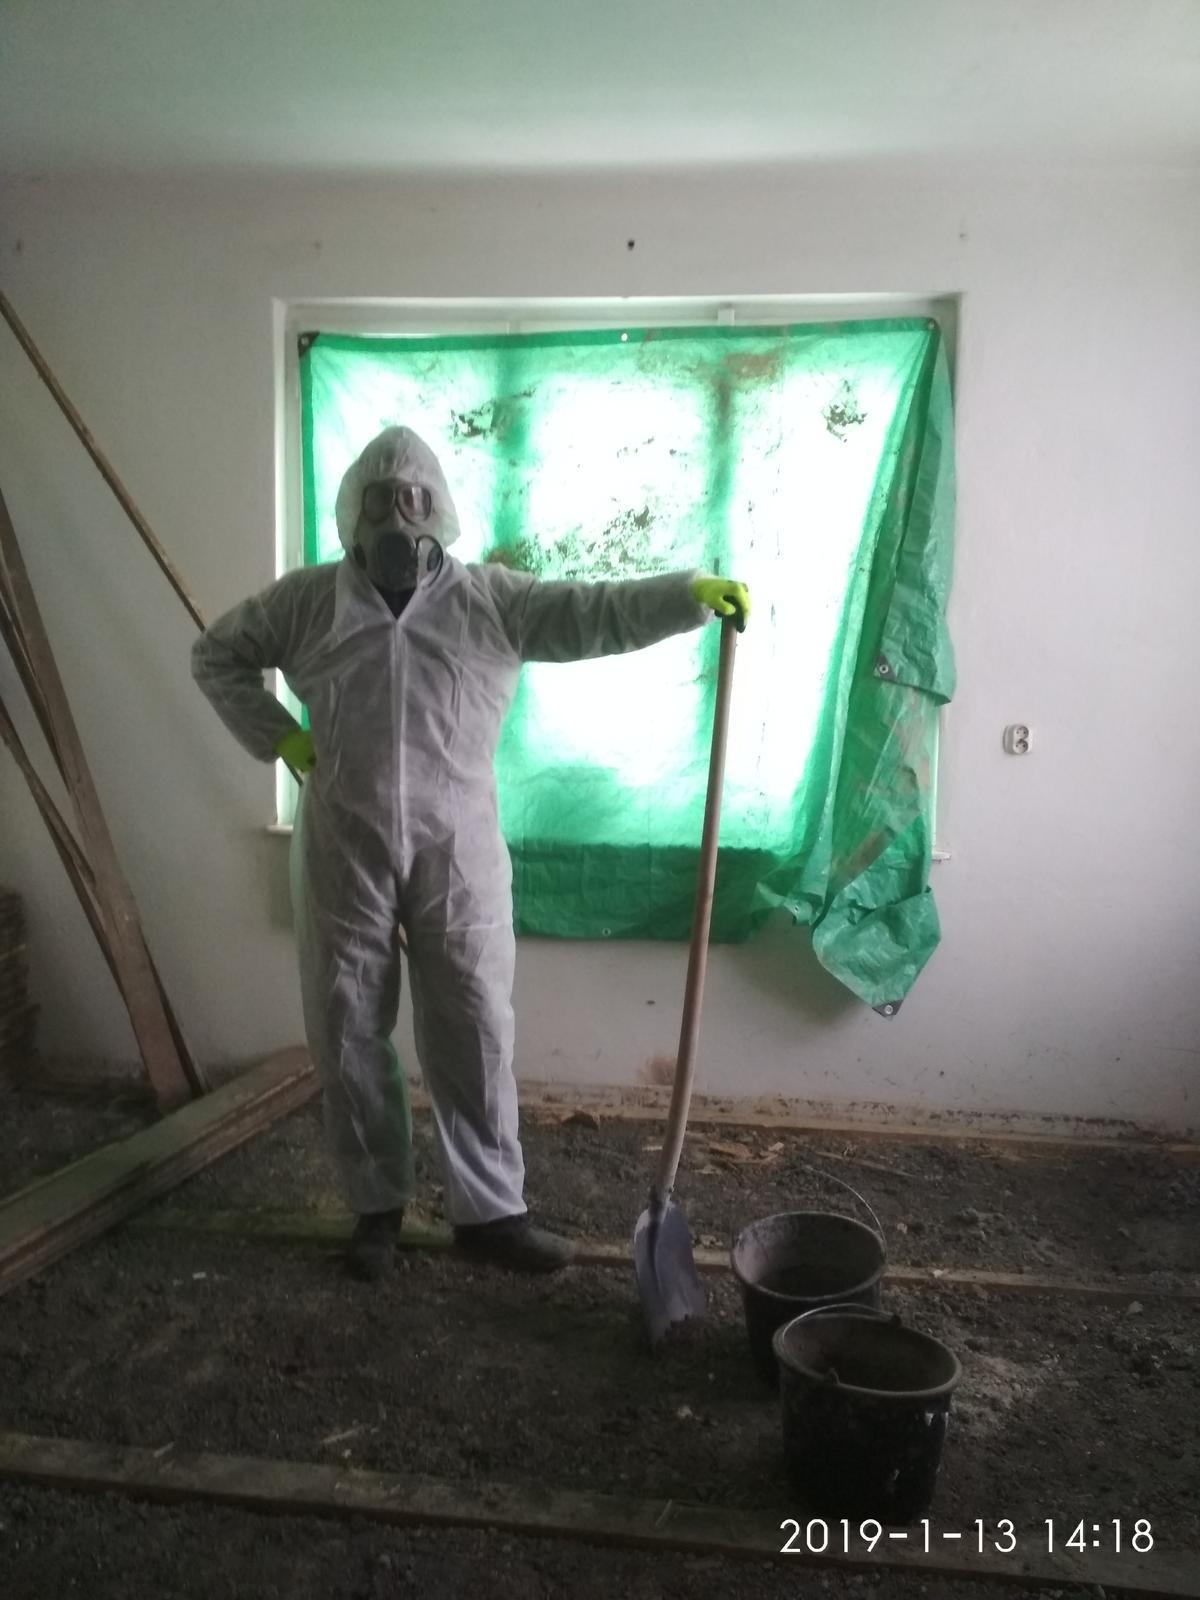 RD Ličartovce rekonštrukcia - Po skúsenostiach z vypratávaním škváry z predošlej izby som si zaobstaral ochranné pomocky, čakalo ma ešte vypratávanie povaly od betón škváry